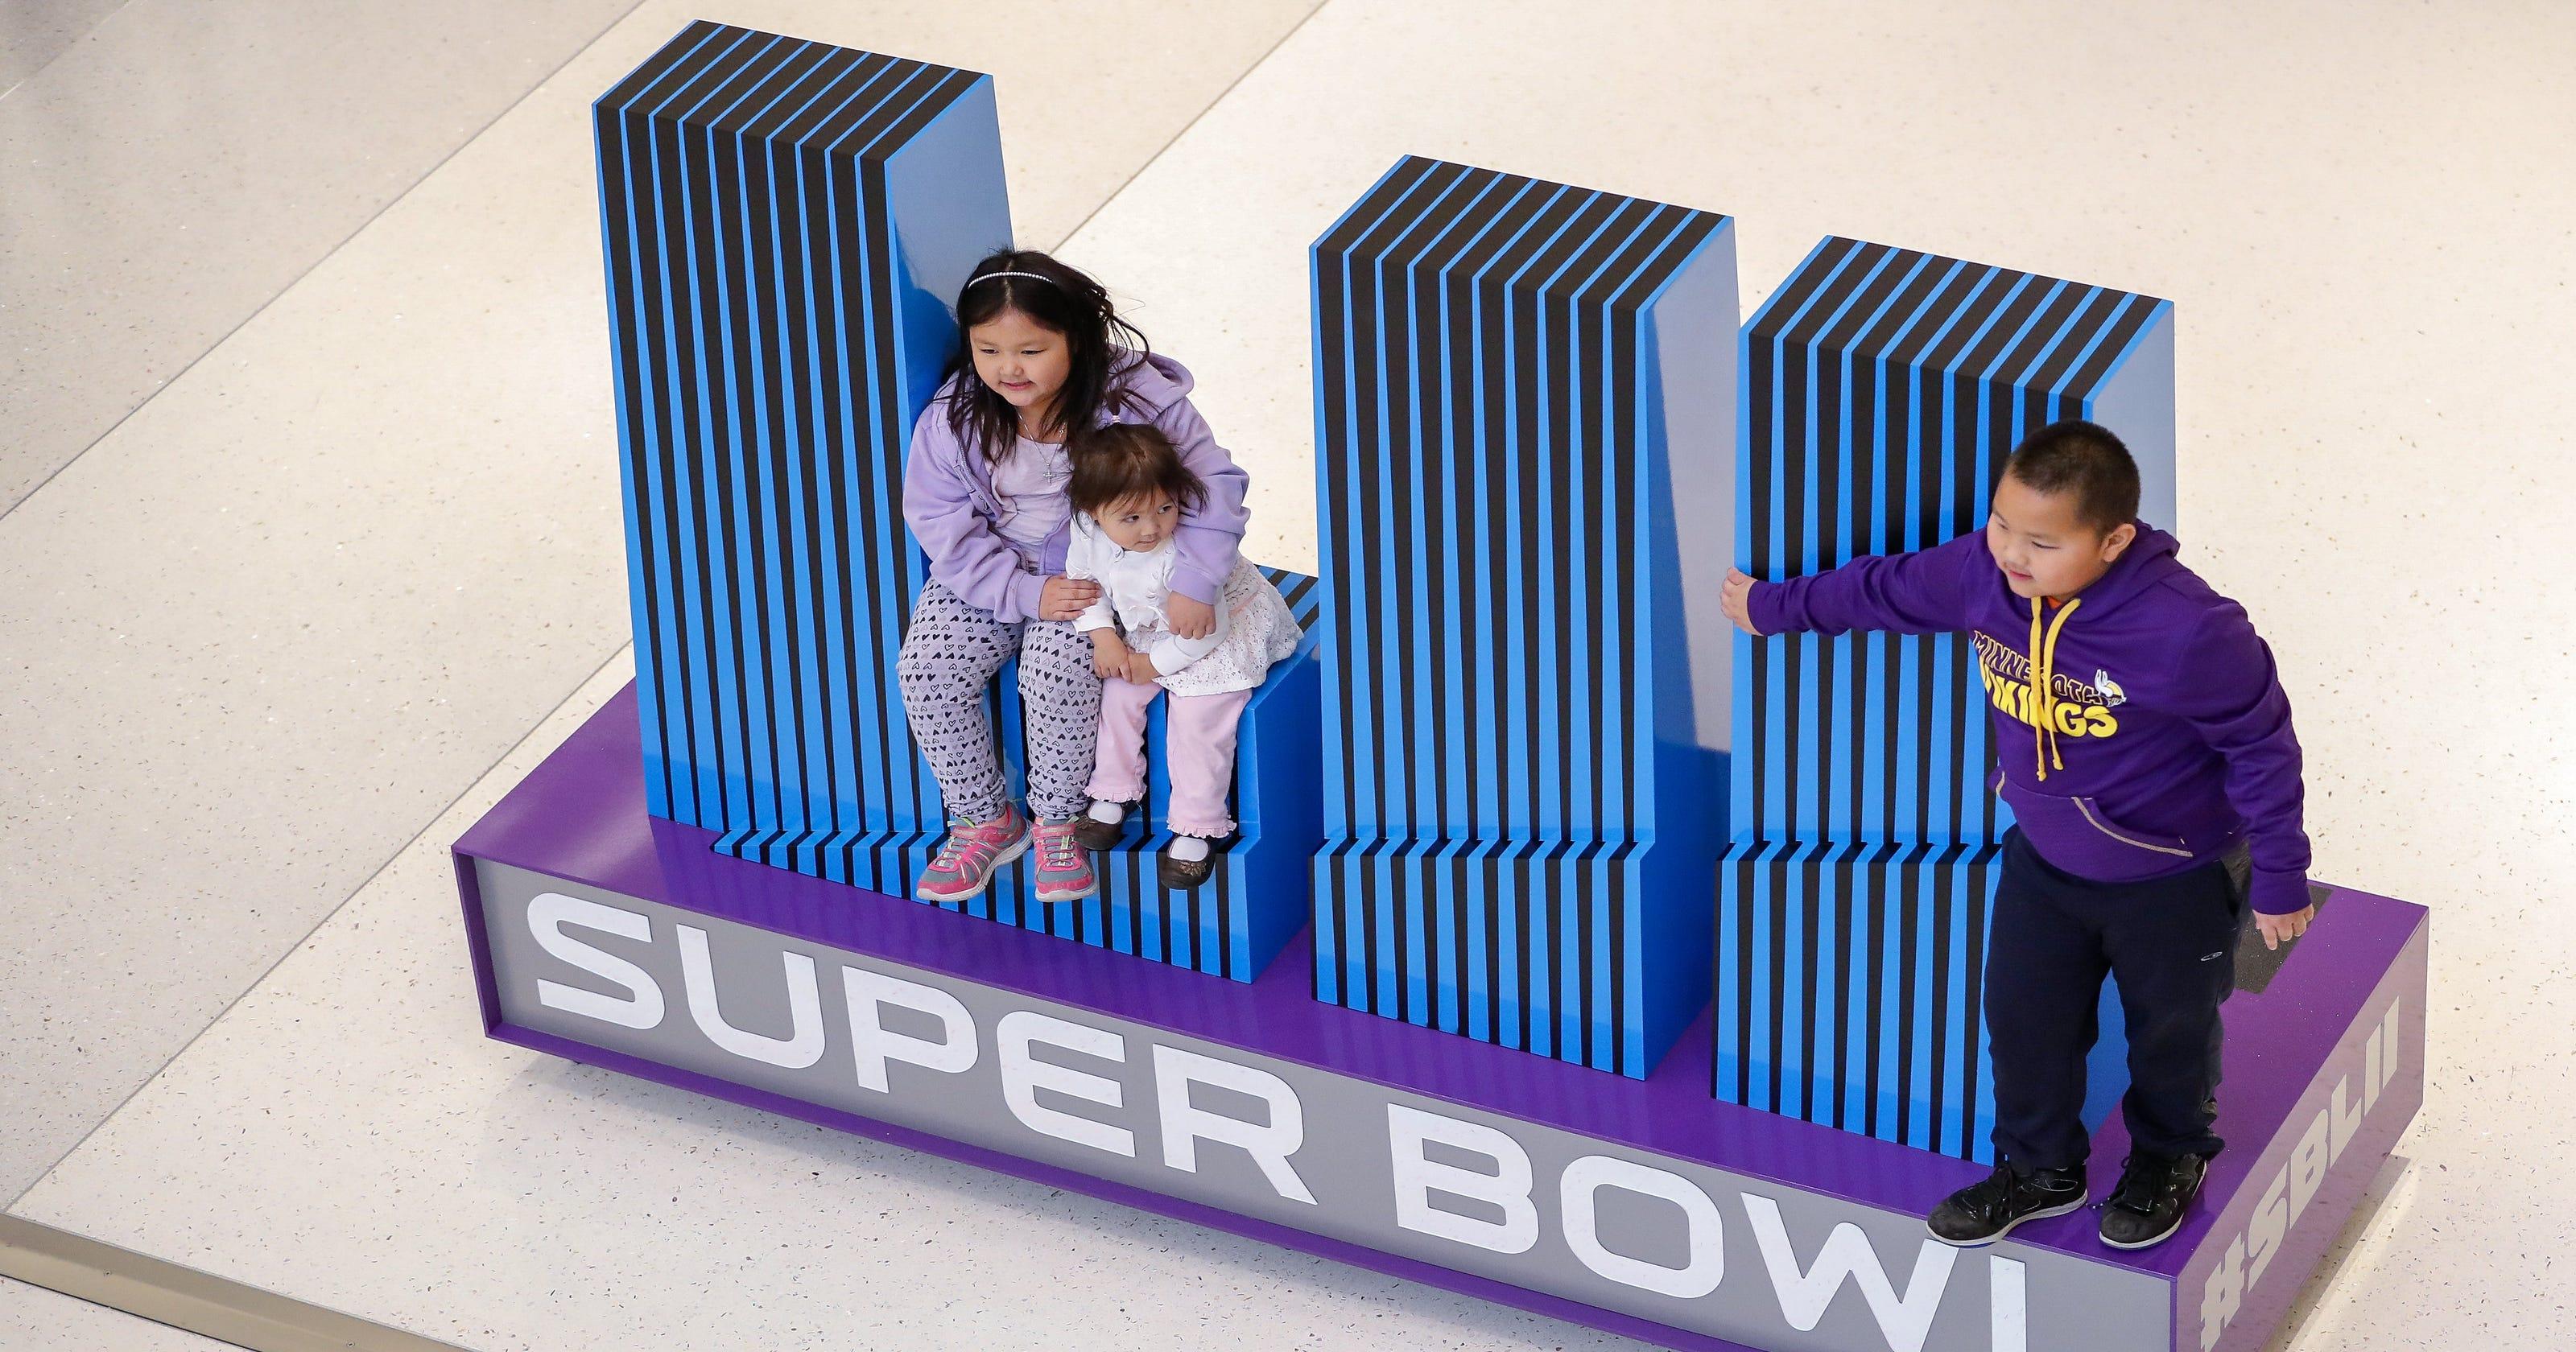 Roman numerals make for XL-sized headache at Super Bowl b08b76632